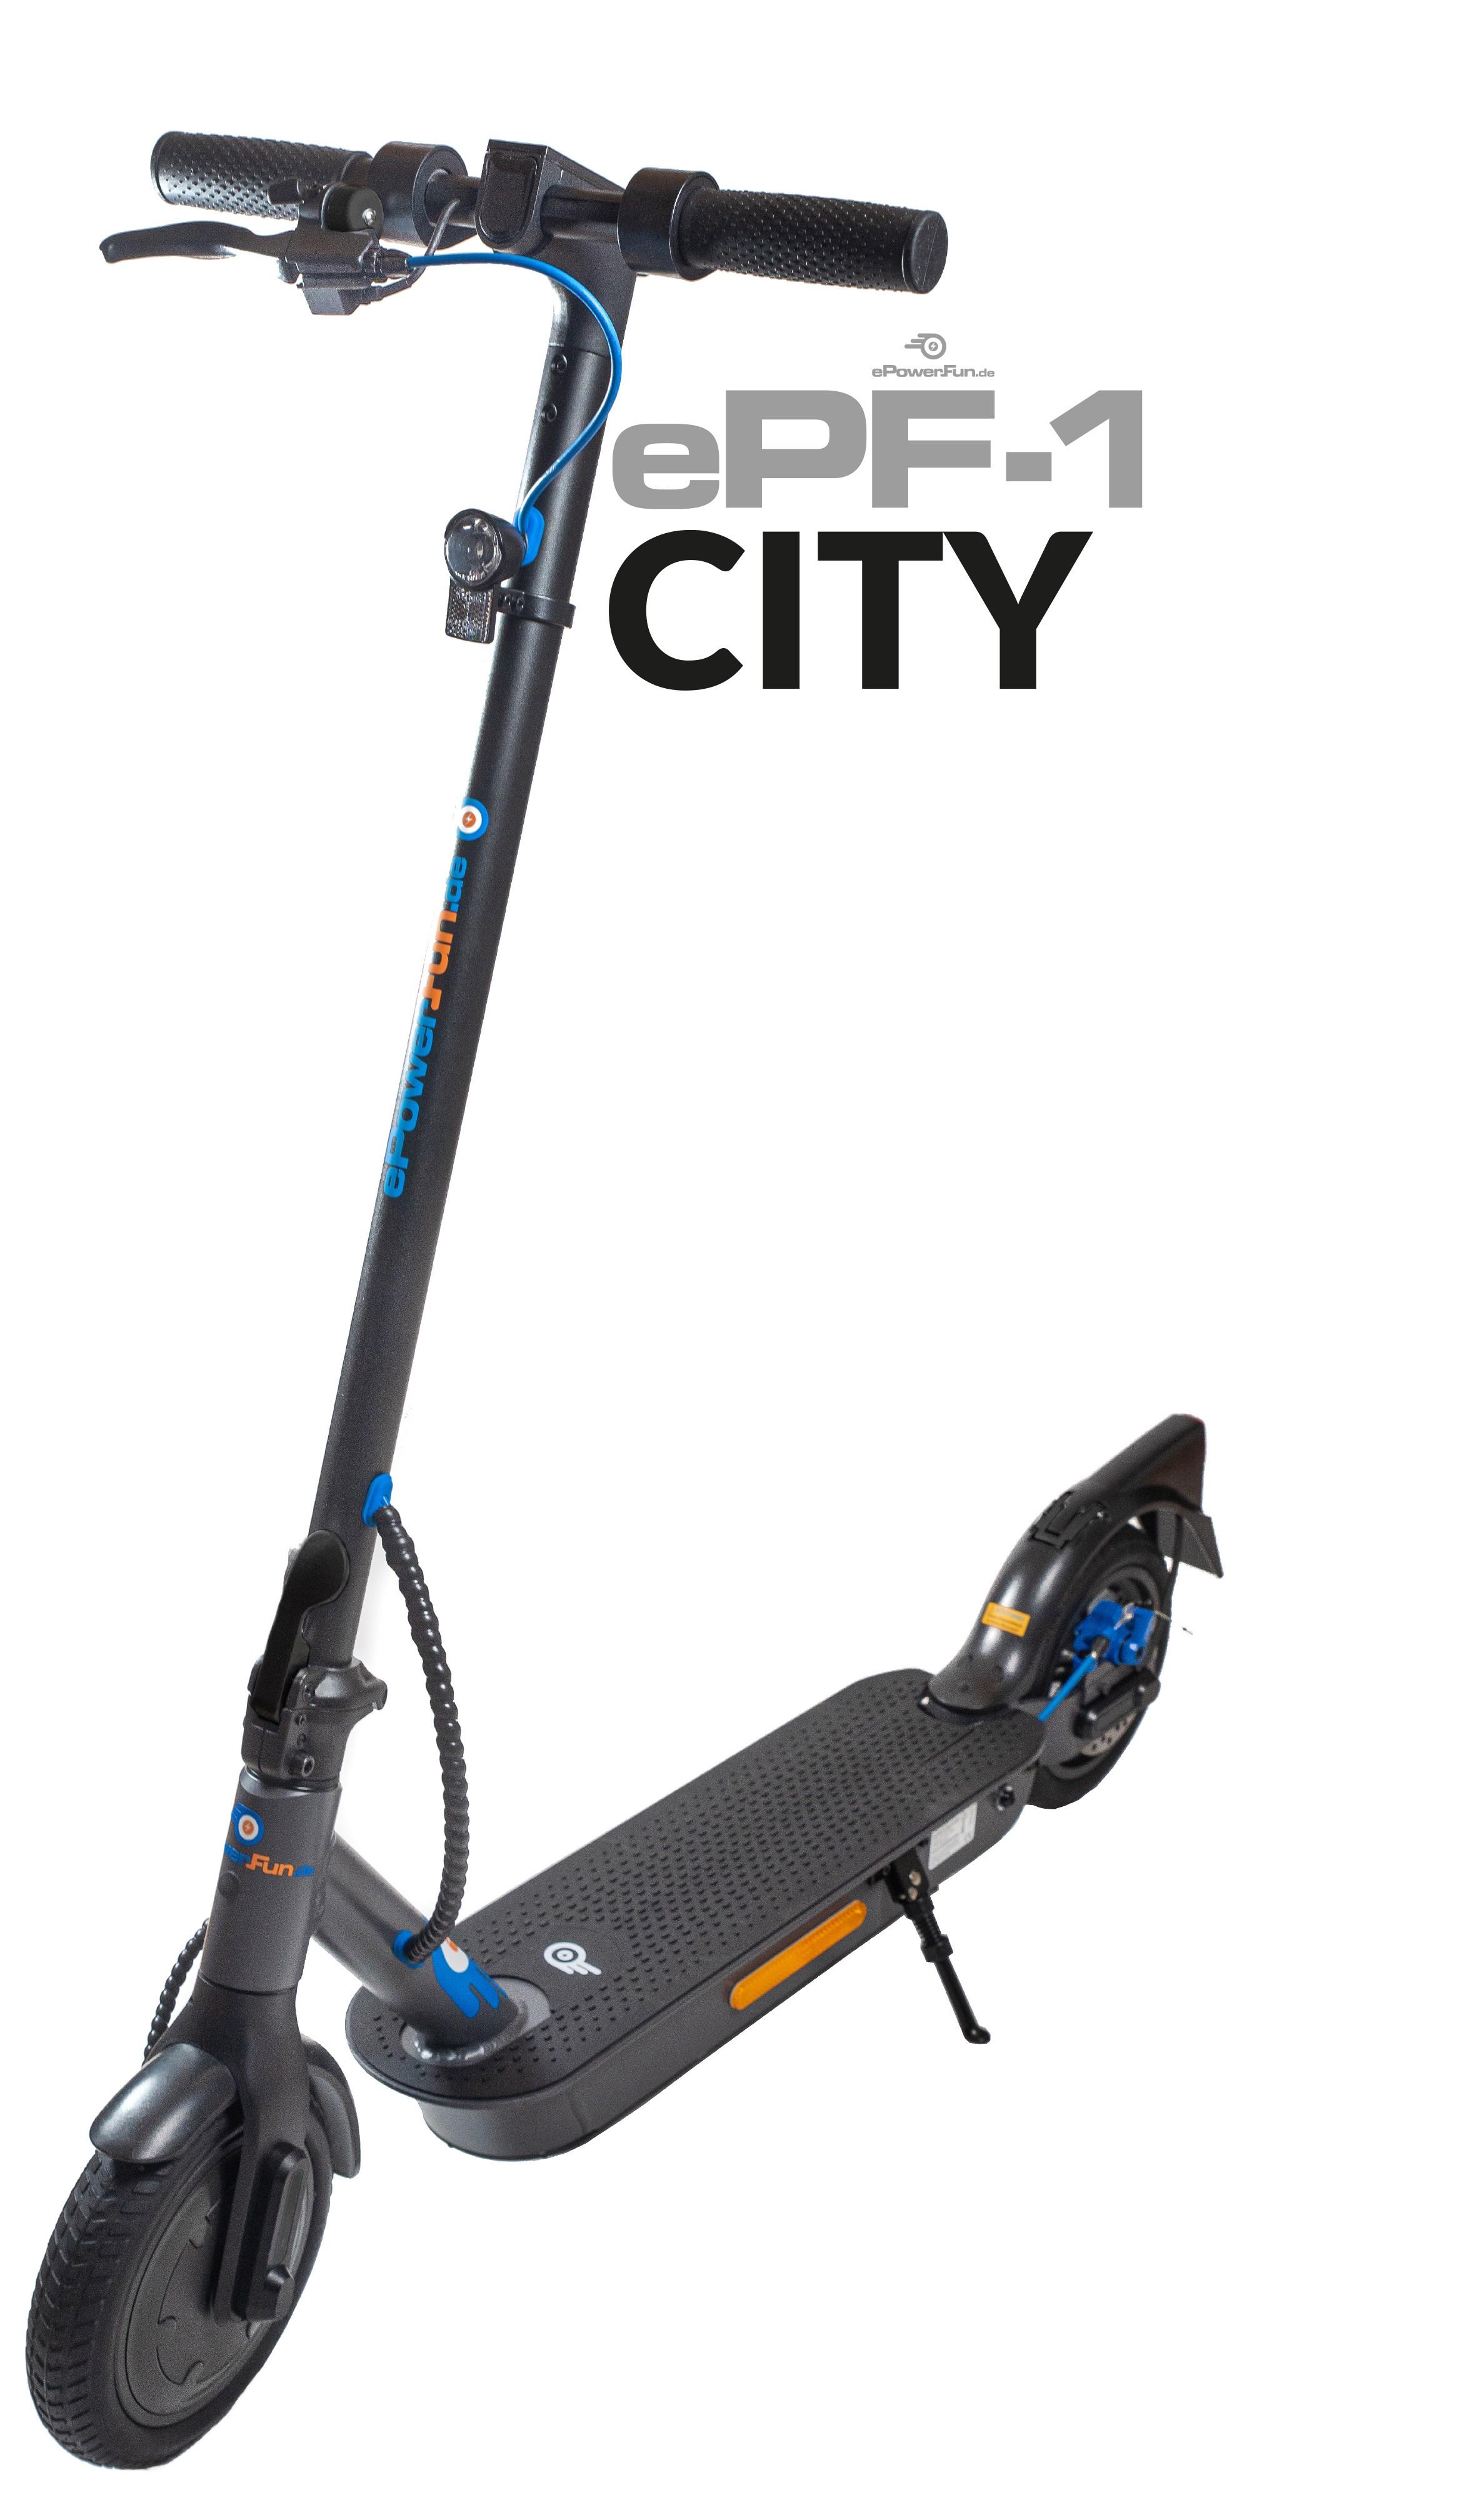 """Vorbestellung - ePF-1 """"City"""" - mit Straßenzulassung (ABE¹)! Lieferung bis 3.3."""